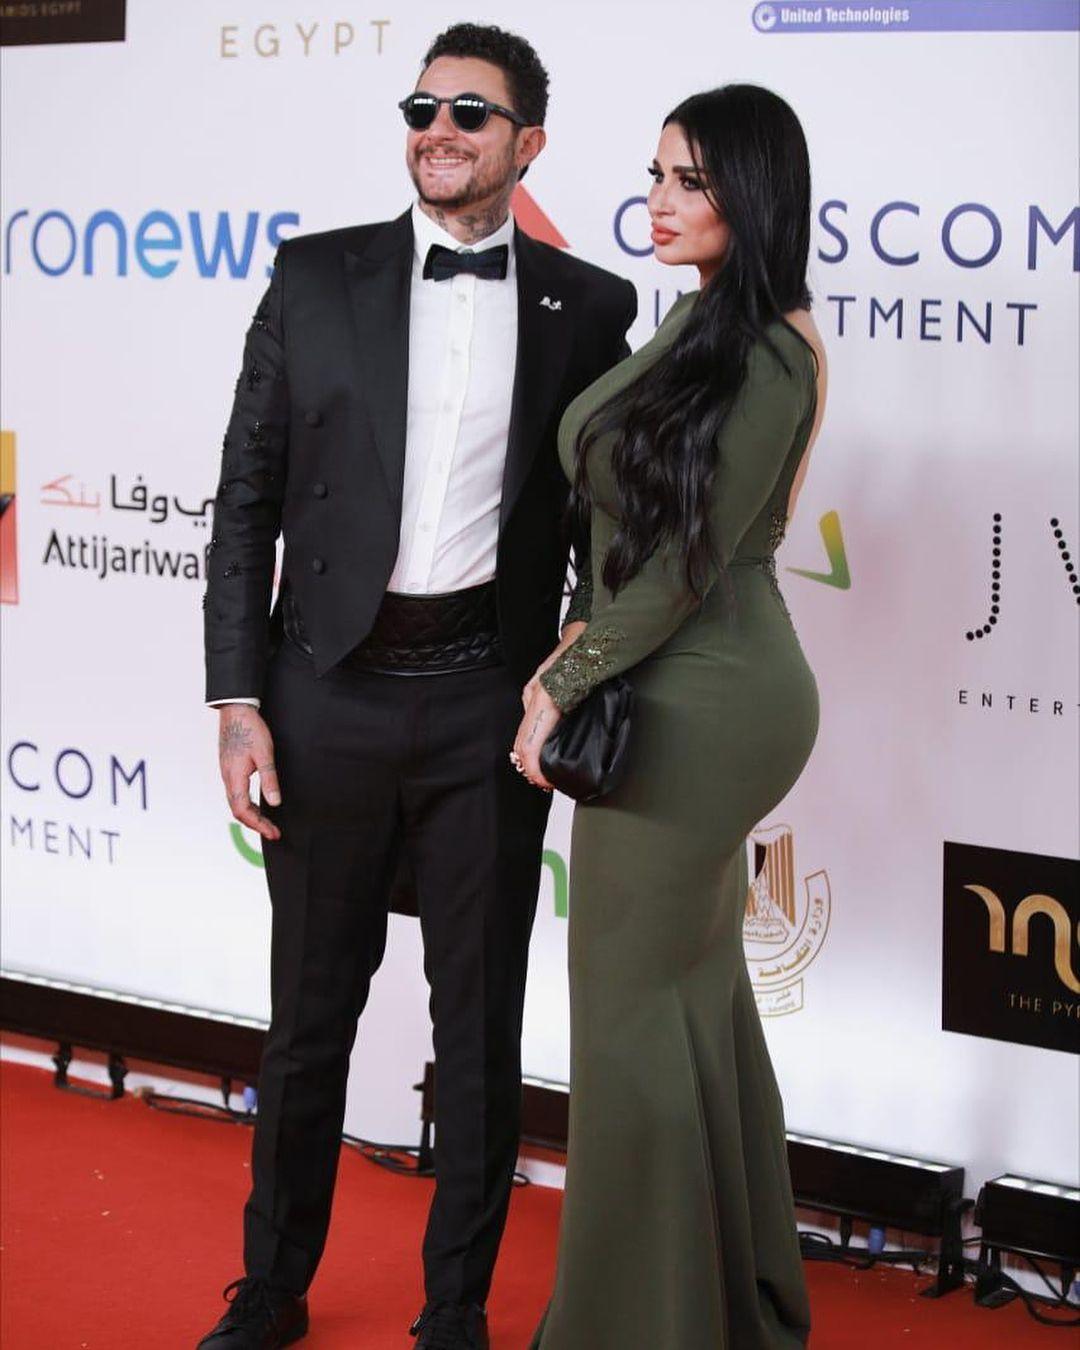 ندى كامل زوجة احمد الفيشاوي ويكيبيديا Style Blog Fashion